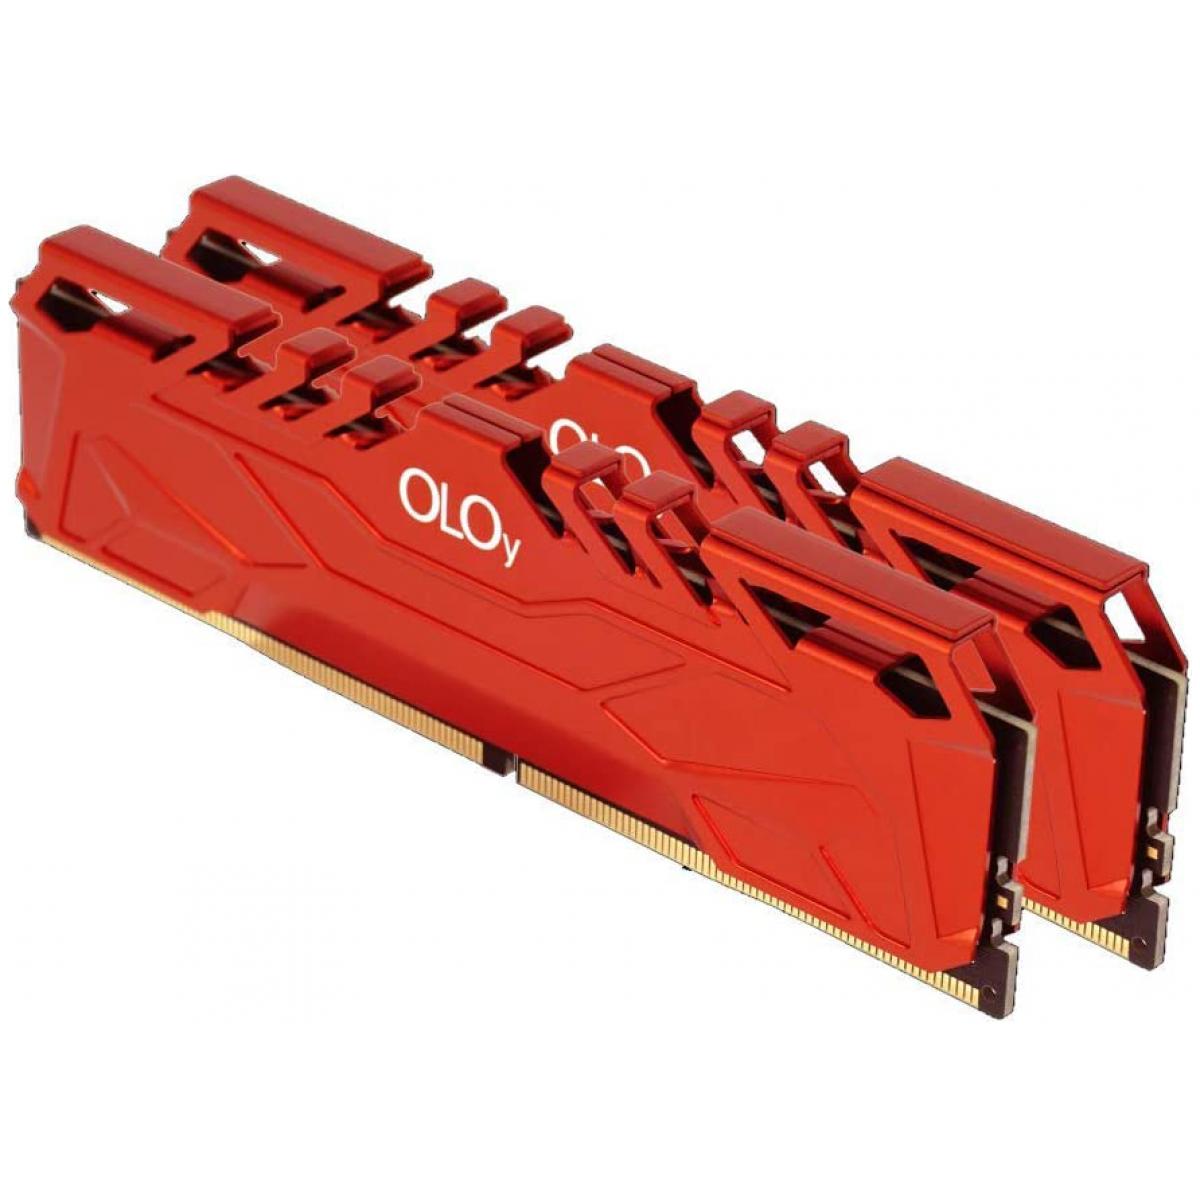 Memória DDR4 OLOy Owl Red, 16GB (2x8GB), 3000MHz, Red, MD4U083016BHDA - IMP